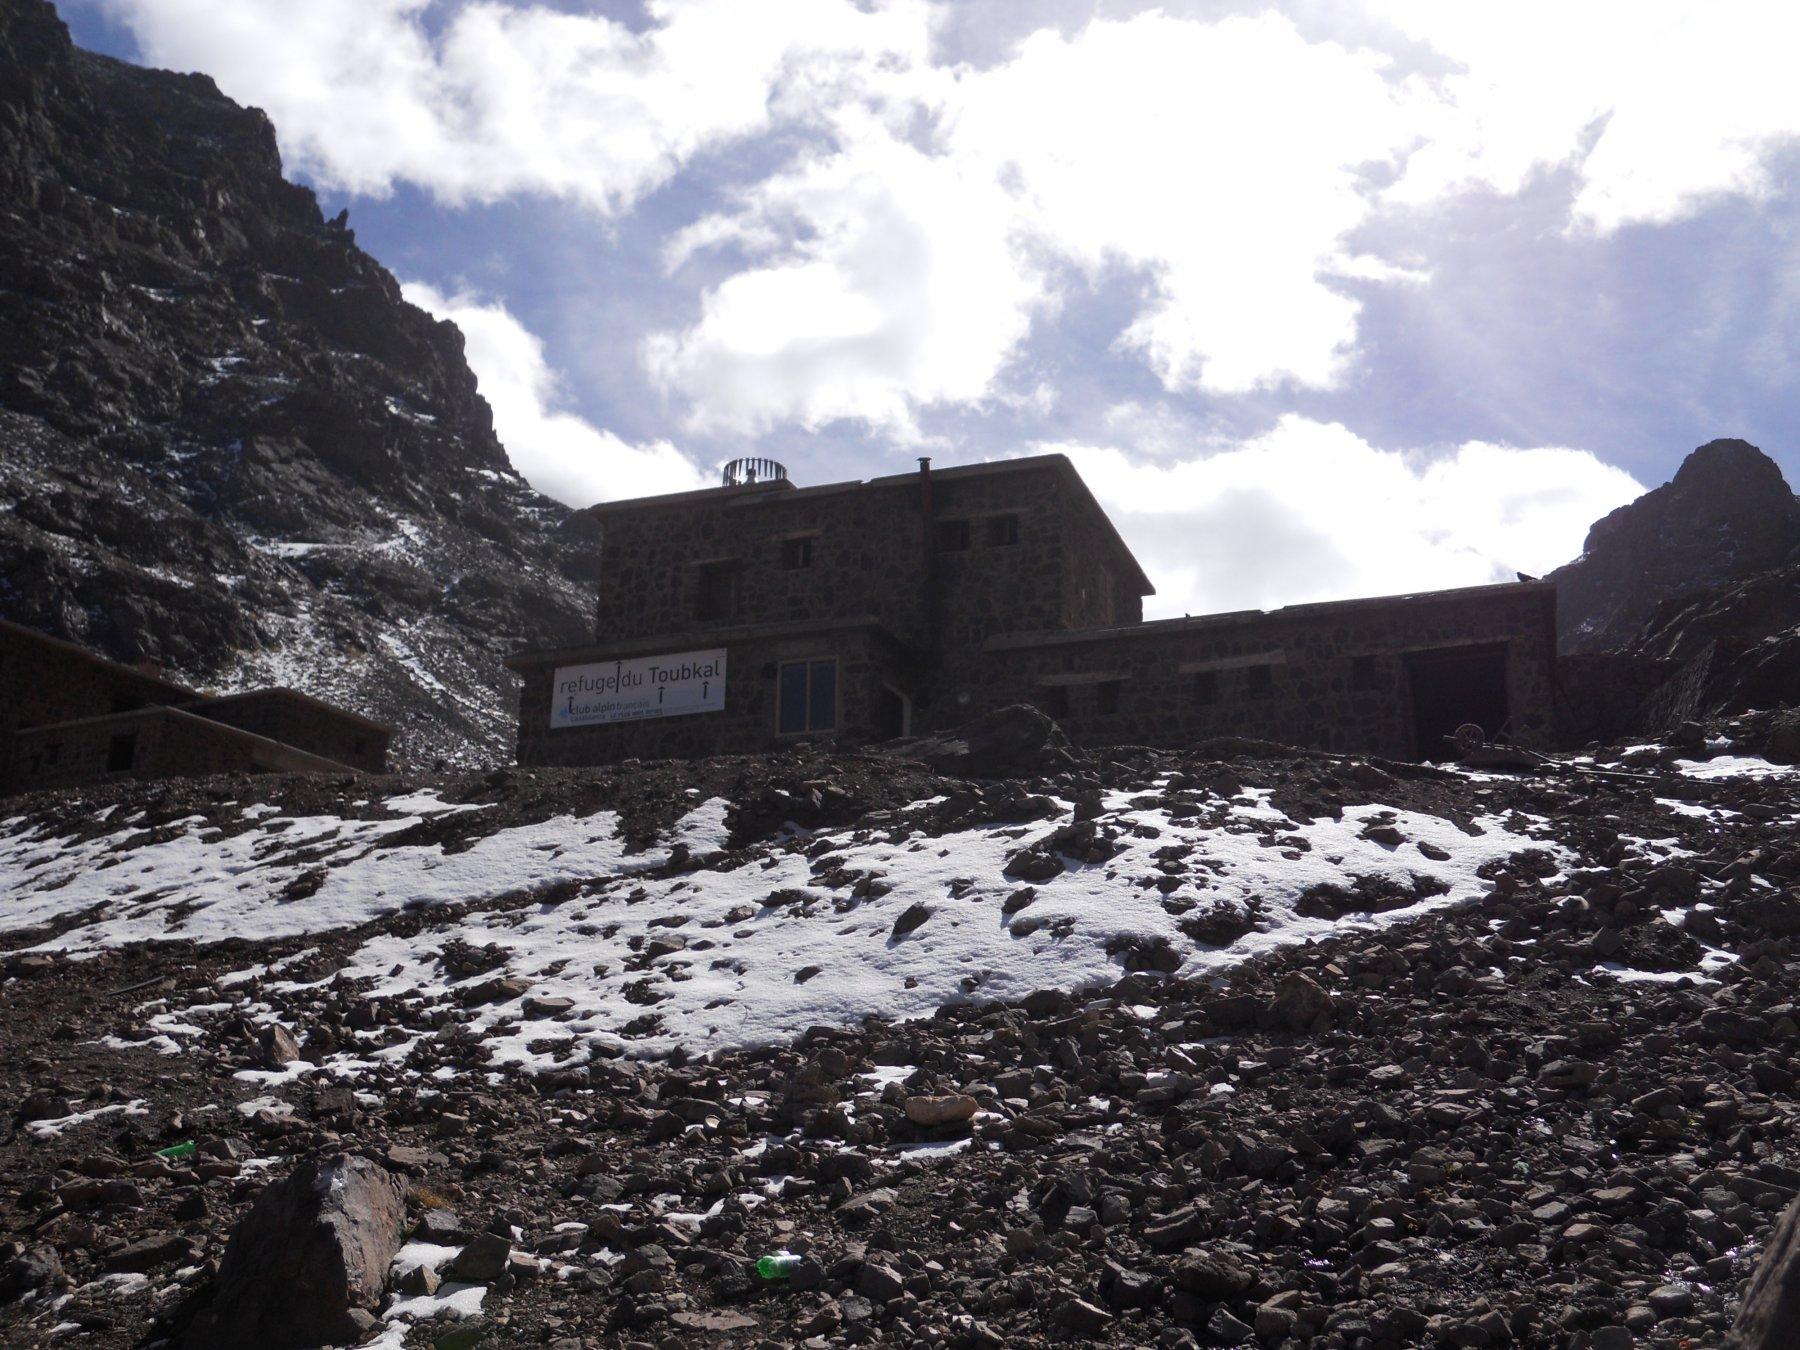 rifugio Toubkal